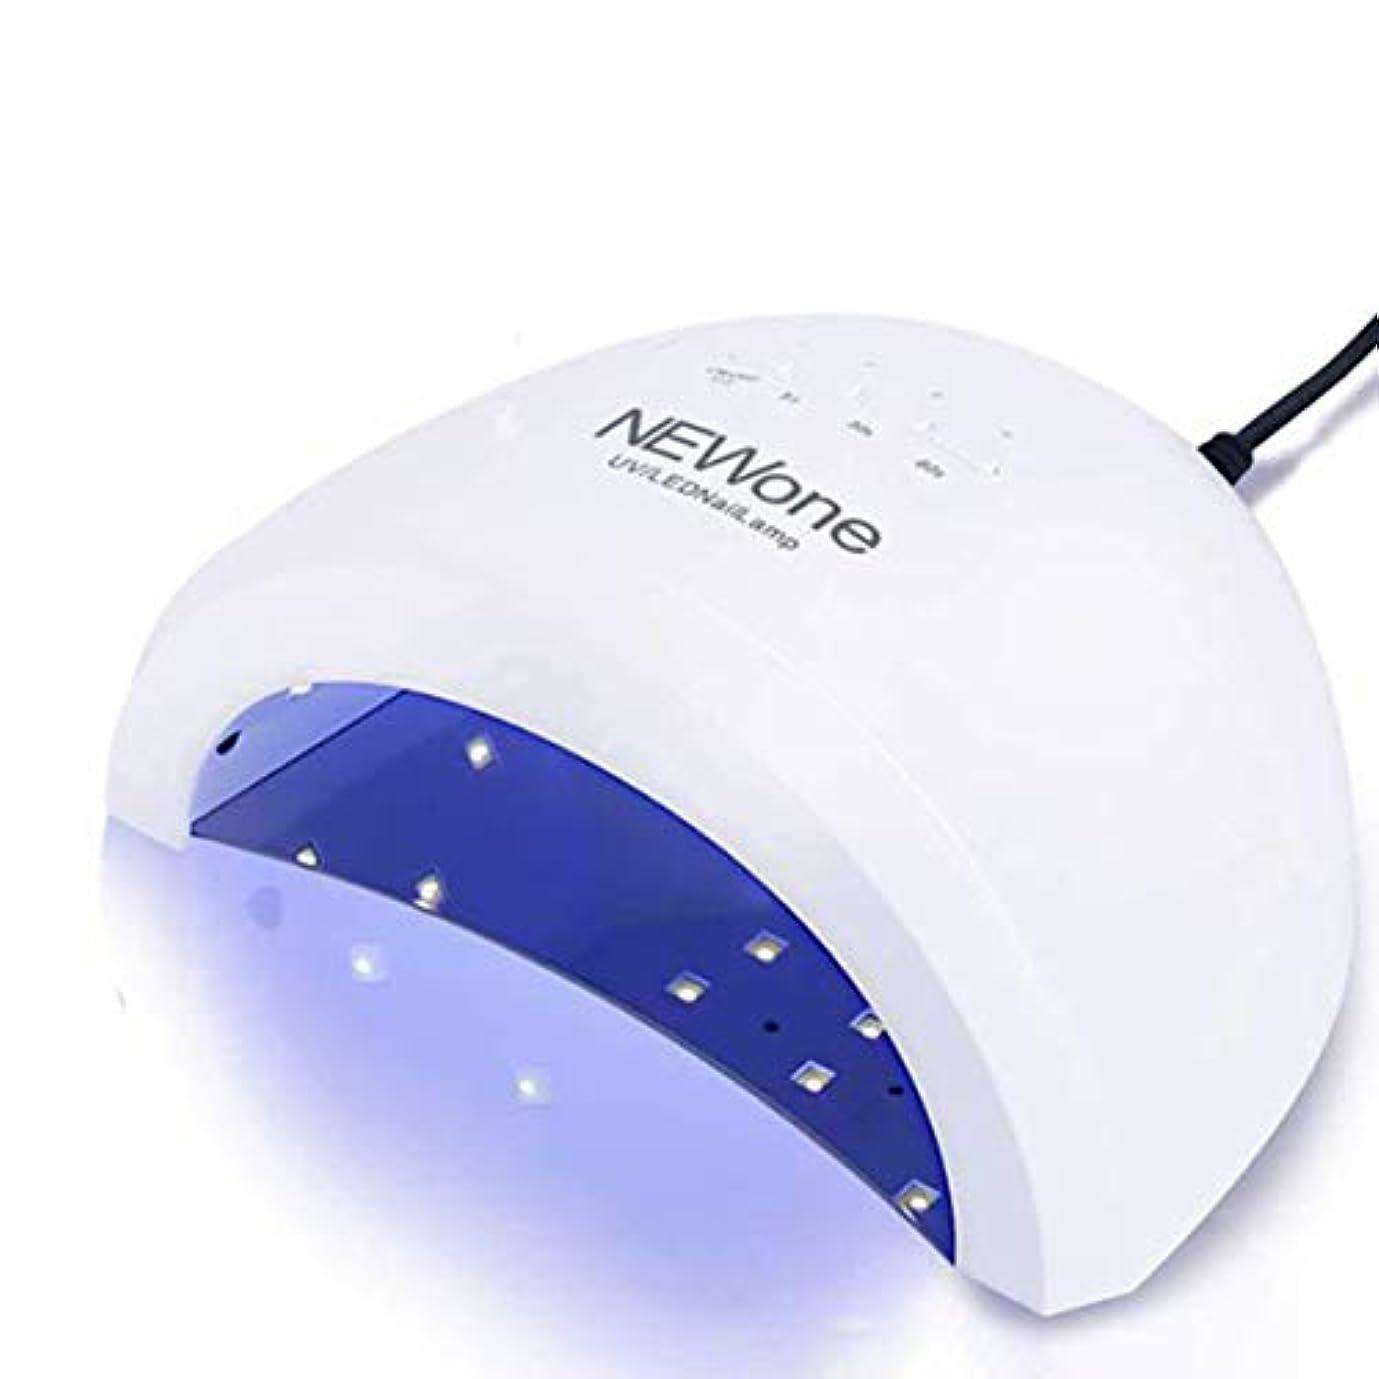 ステージ比較的混乱Intercorey女性のネイル器具ネイルランプ新しいネイル光線療法機新しいSunone 24 / 48w Uvledネイルランプツール